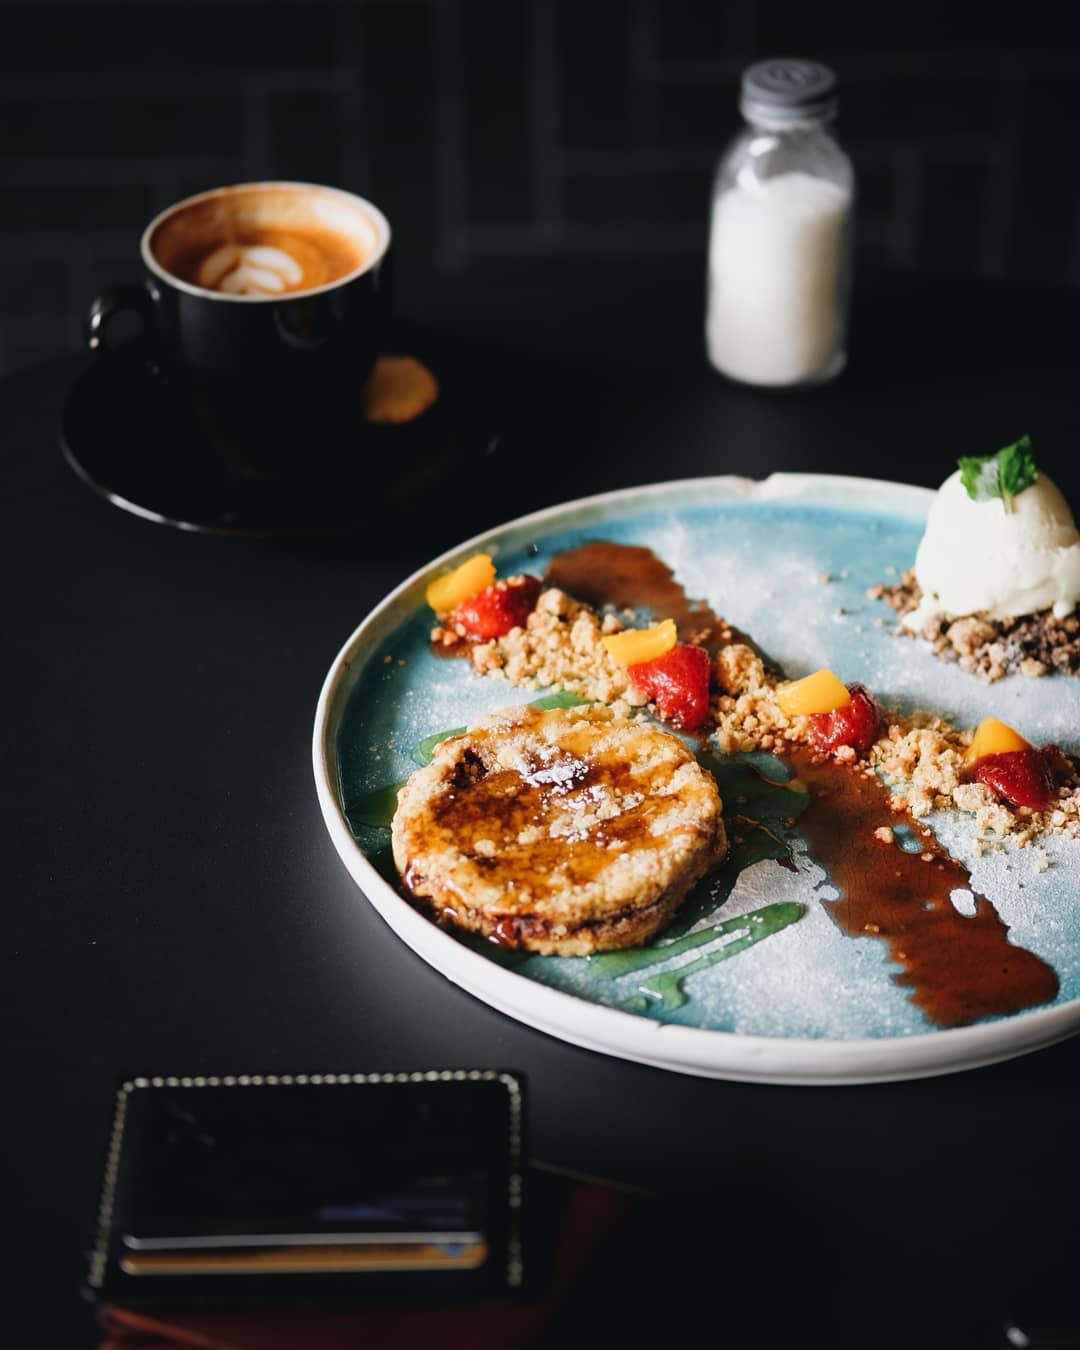 Labore Coffee Eatery, Labore Coffee Eatery Malang, Malang, Kota Malang, Dolan Dolen, Dolaners Labore Coffee Eatery via laborecoffeeeatery - Dolan Dolen